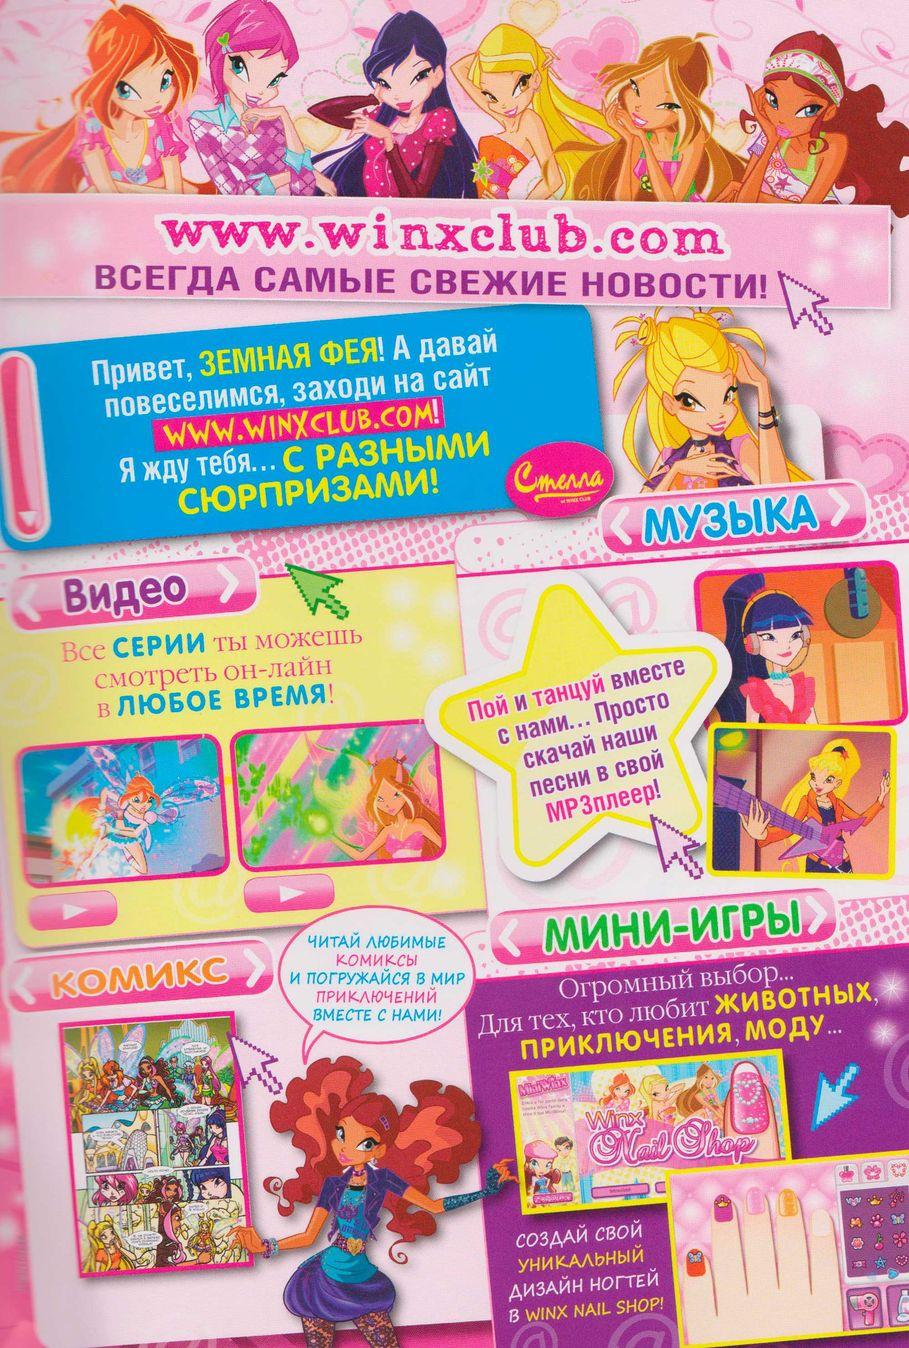 Комикс Винкс Winx - Лучшие диджеи Боб Синклер & Дэвид Гетта (Журнал Винкс №4 2012) - стр. 57